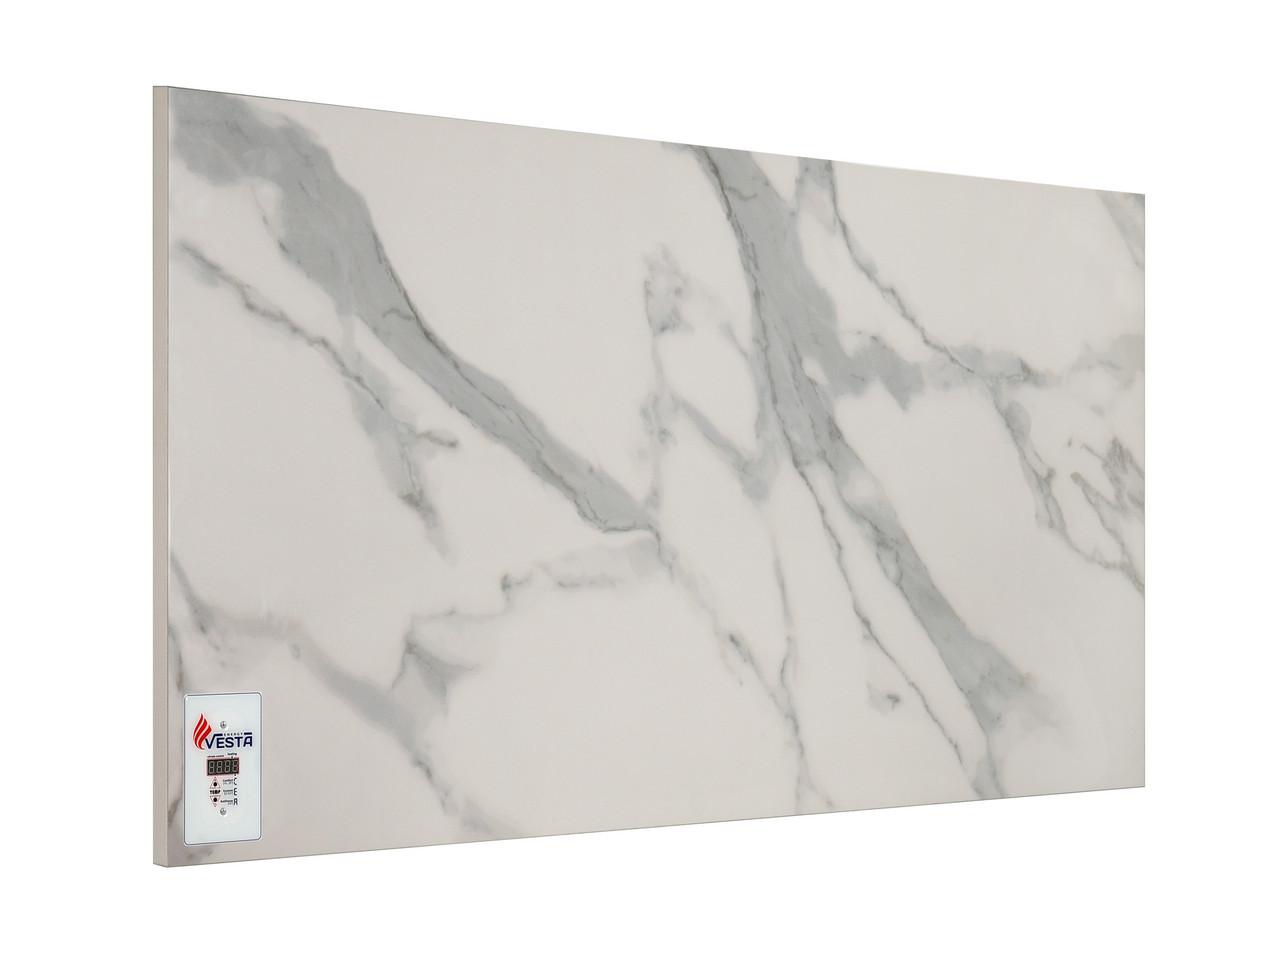 Инфракрасная керамическая панель Vesta Energy PRO 500